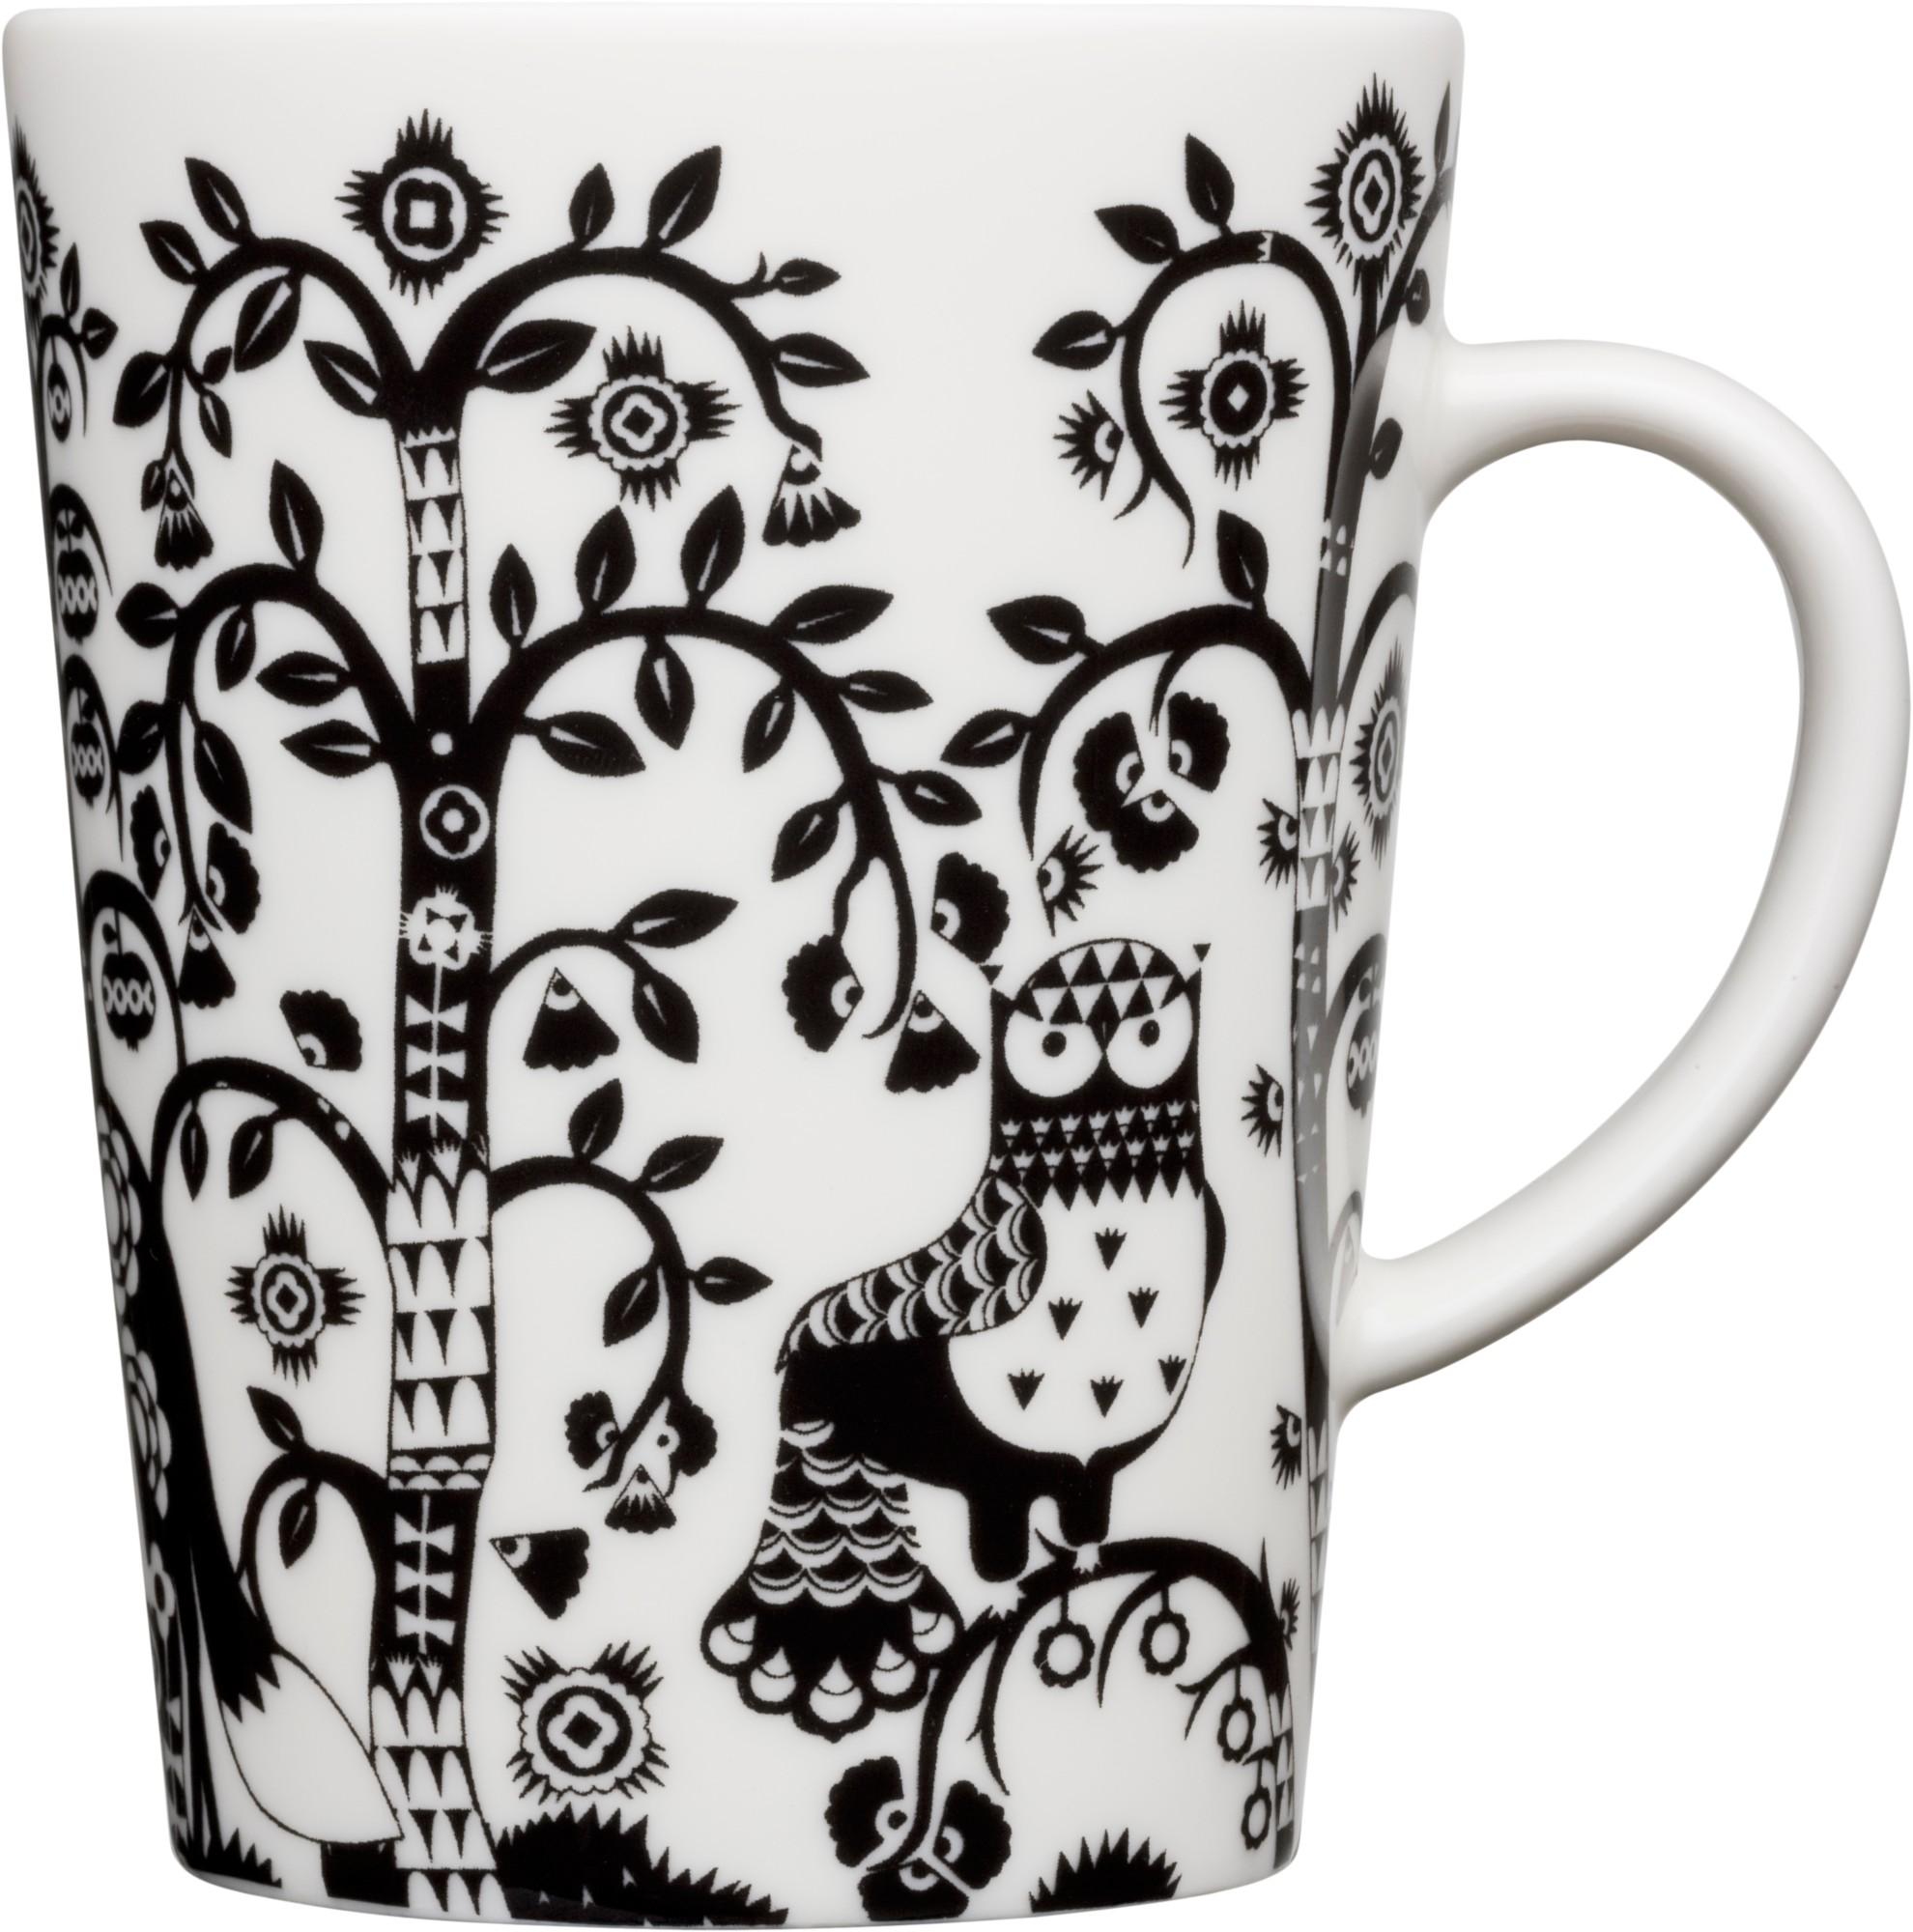 dcd68a1fd08 Iittala - Taika mug 0,4 l black - Iittala.com